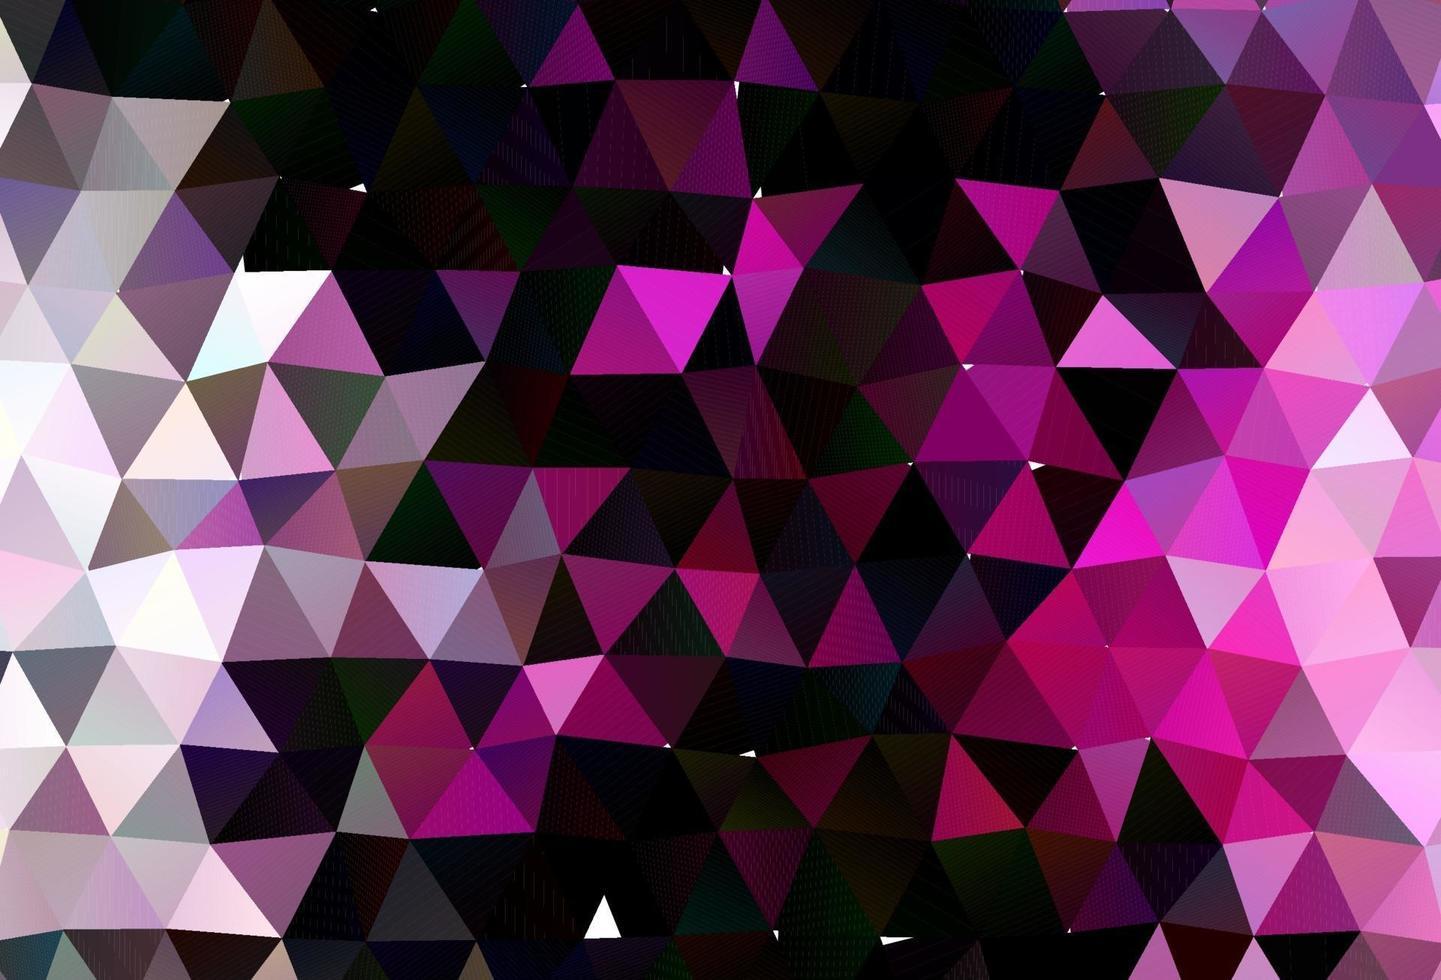 capa de baixo poli de vetor rosa claro.